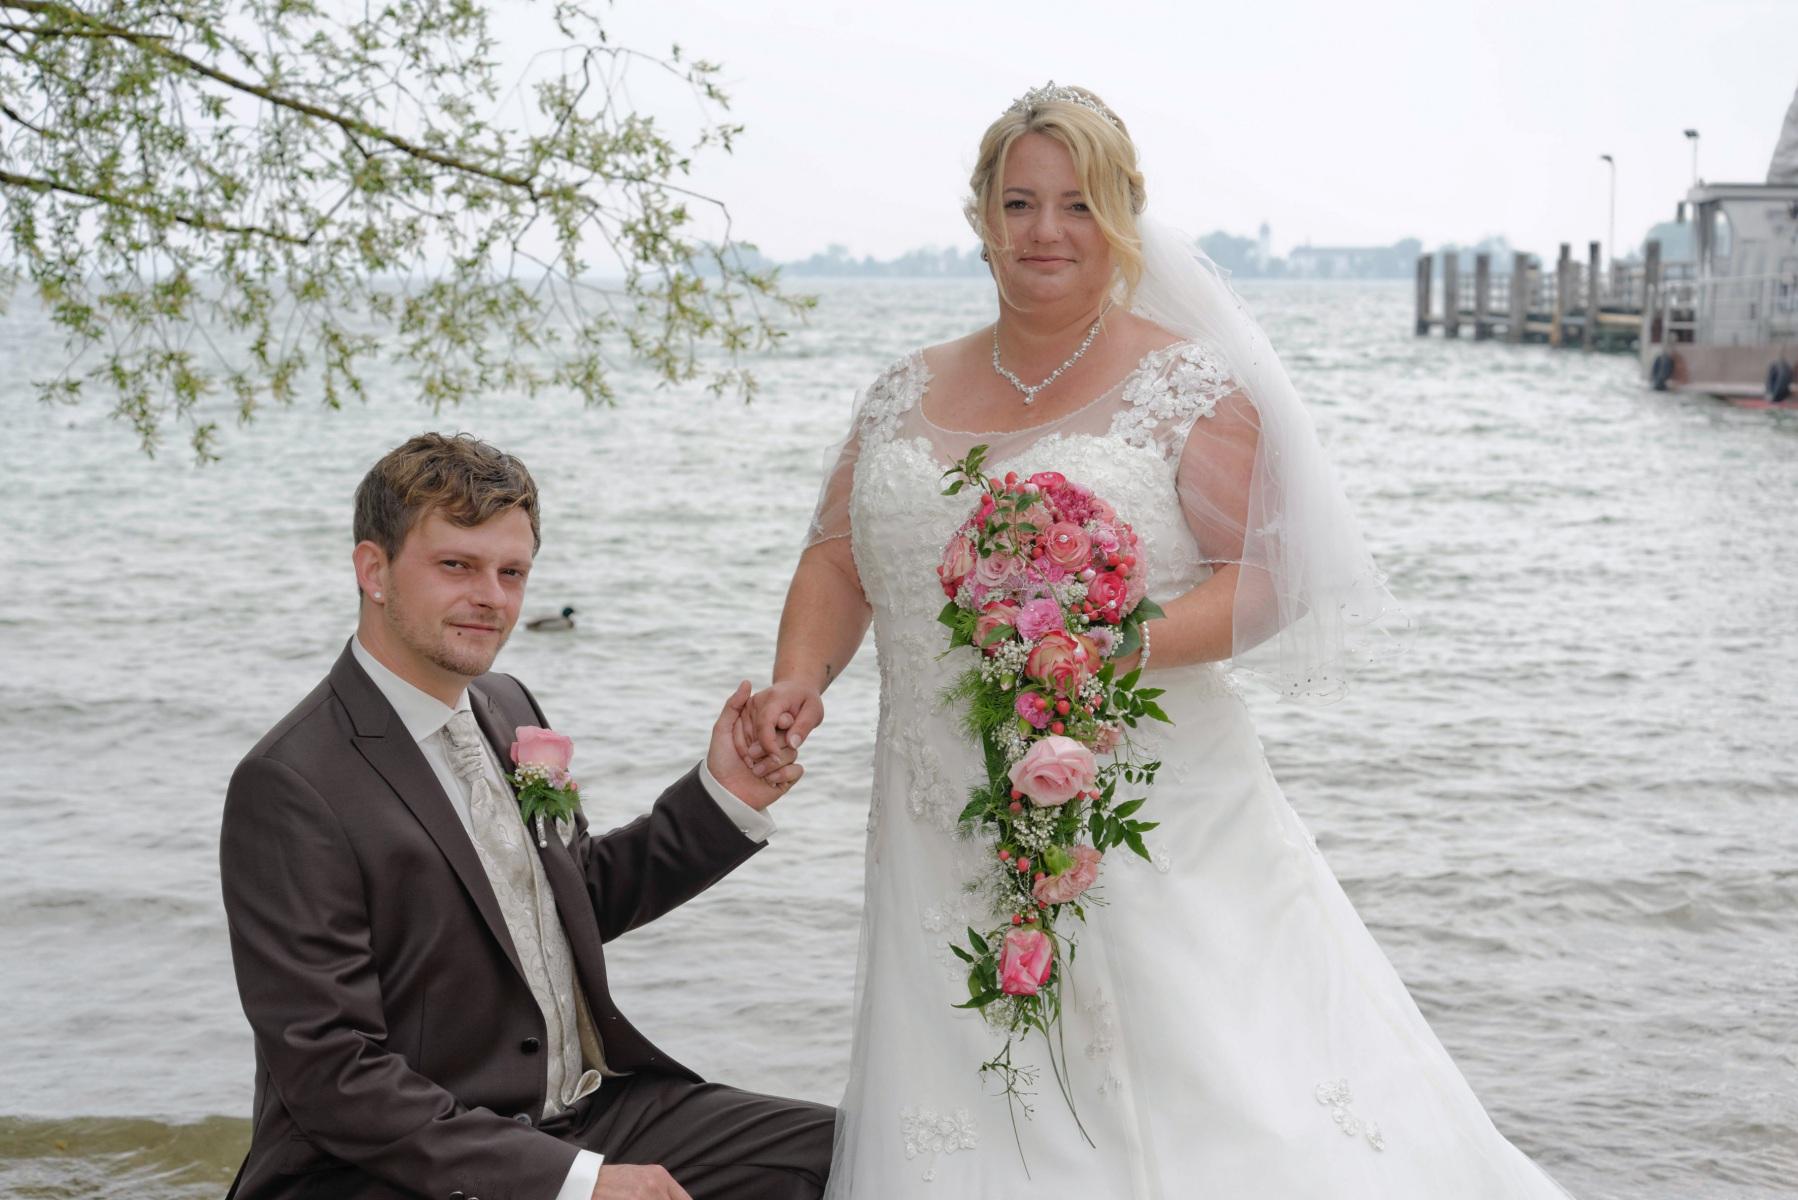 Hochzeitsfotografie auf der Herreninsel © Fotostudio Werner Blauhorn in Prien im Chiemgau